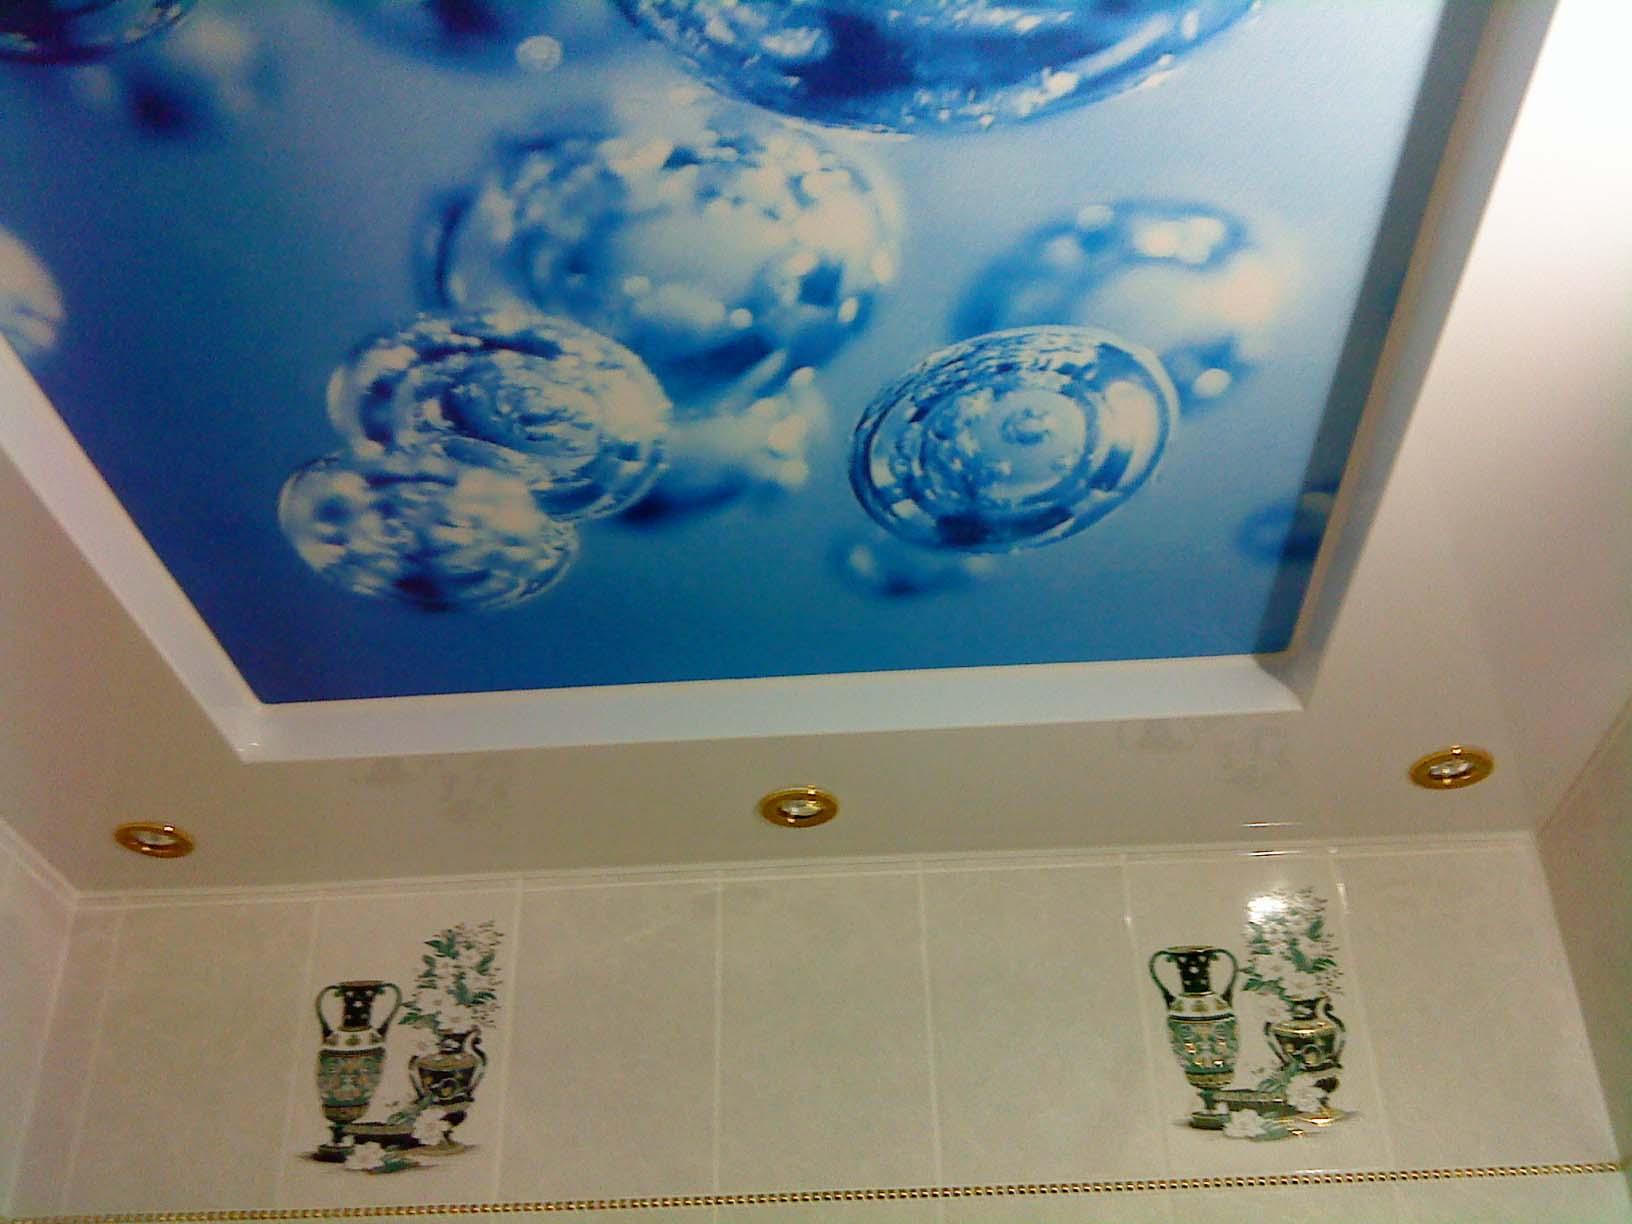 Двухуровневая конструкция с фотопечатью в ванной комнате и встроенными влагозащитными светильниками